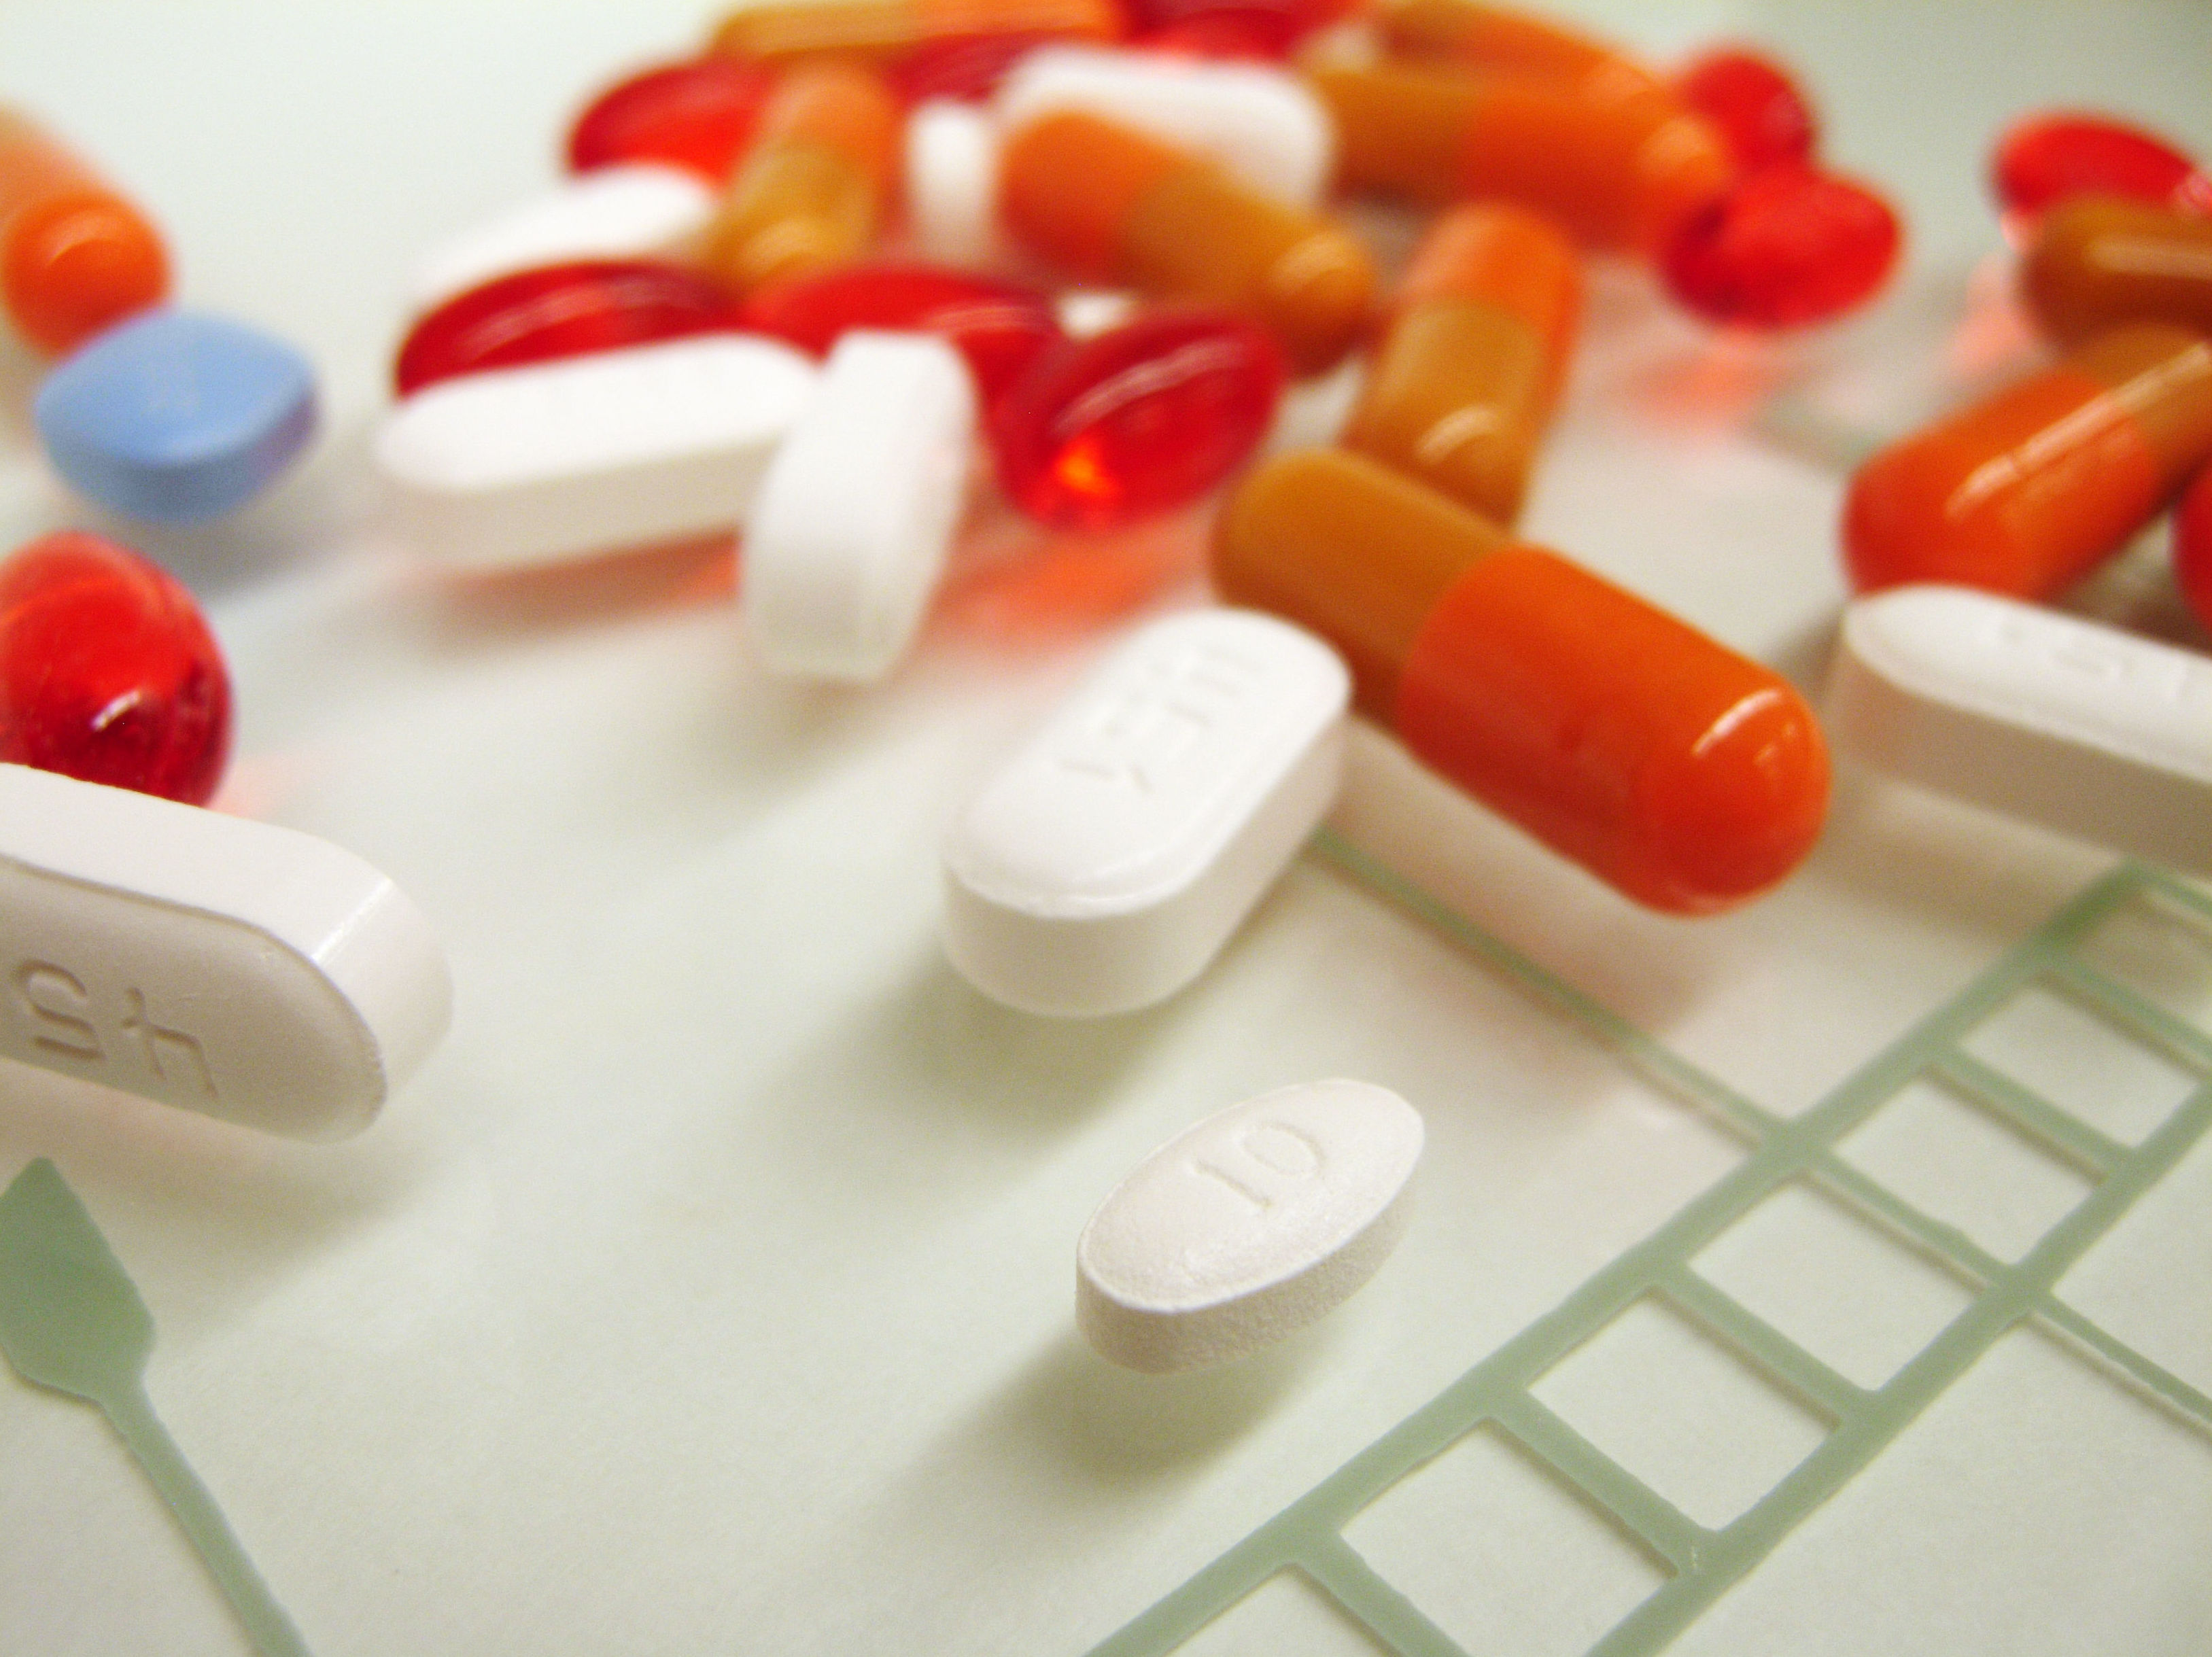 Farmacia con productos homeopáticos en Móstoles